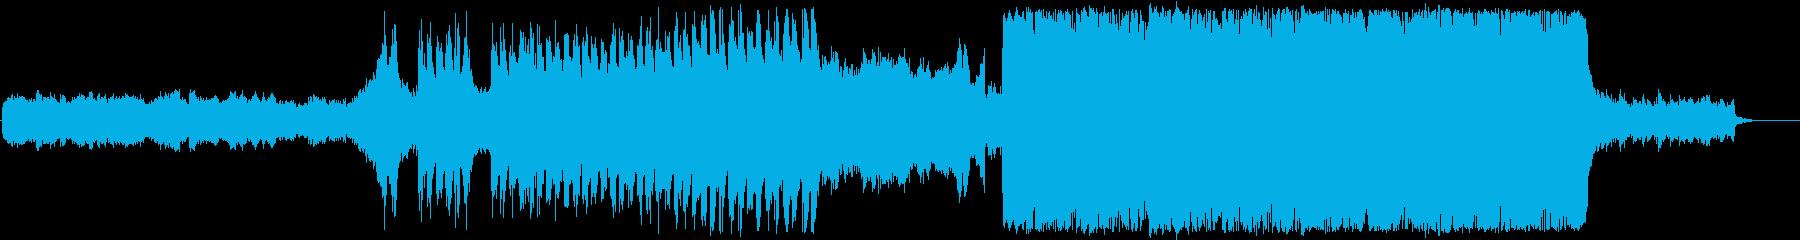 RPG/星空/バトル/オーケストラの再生済みの波形